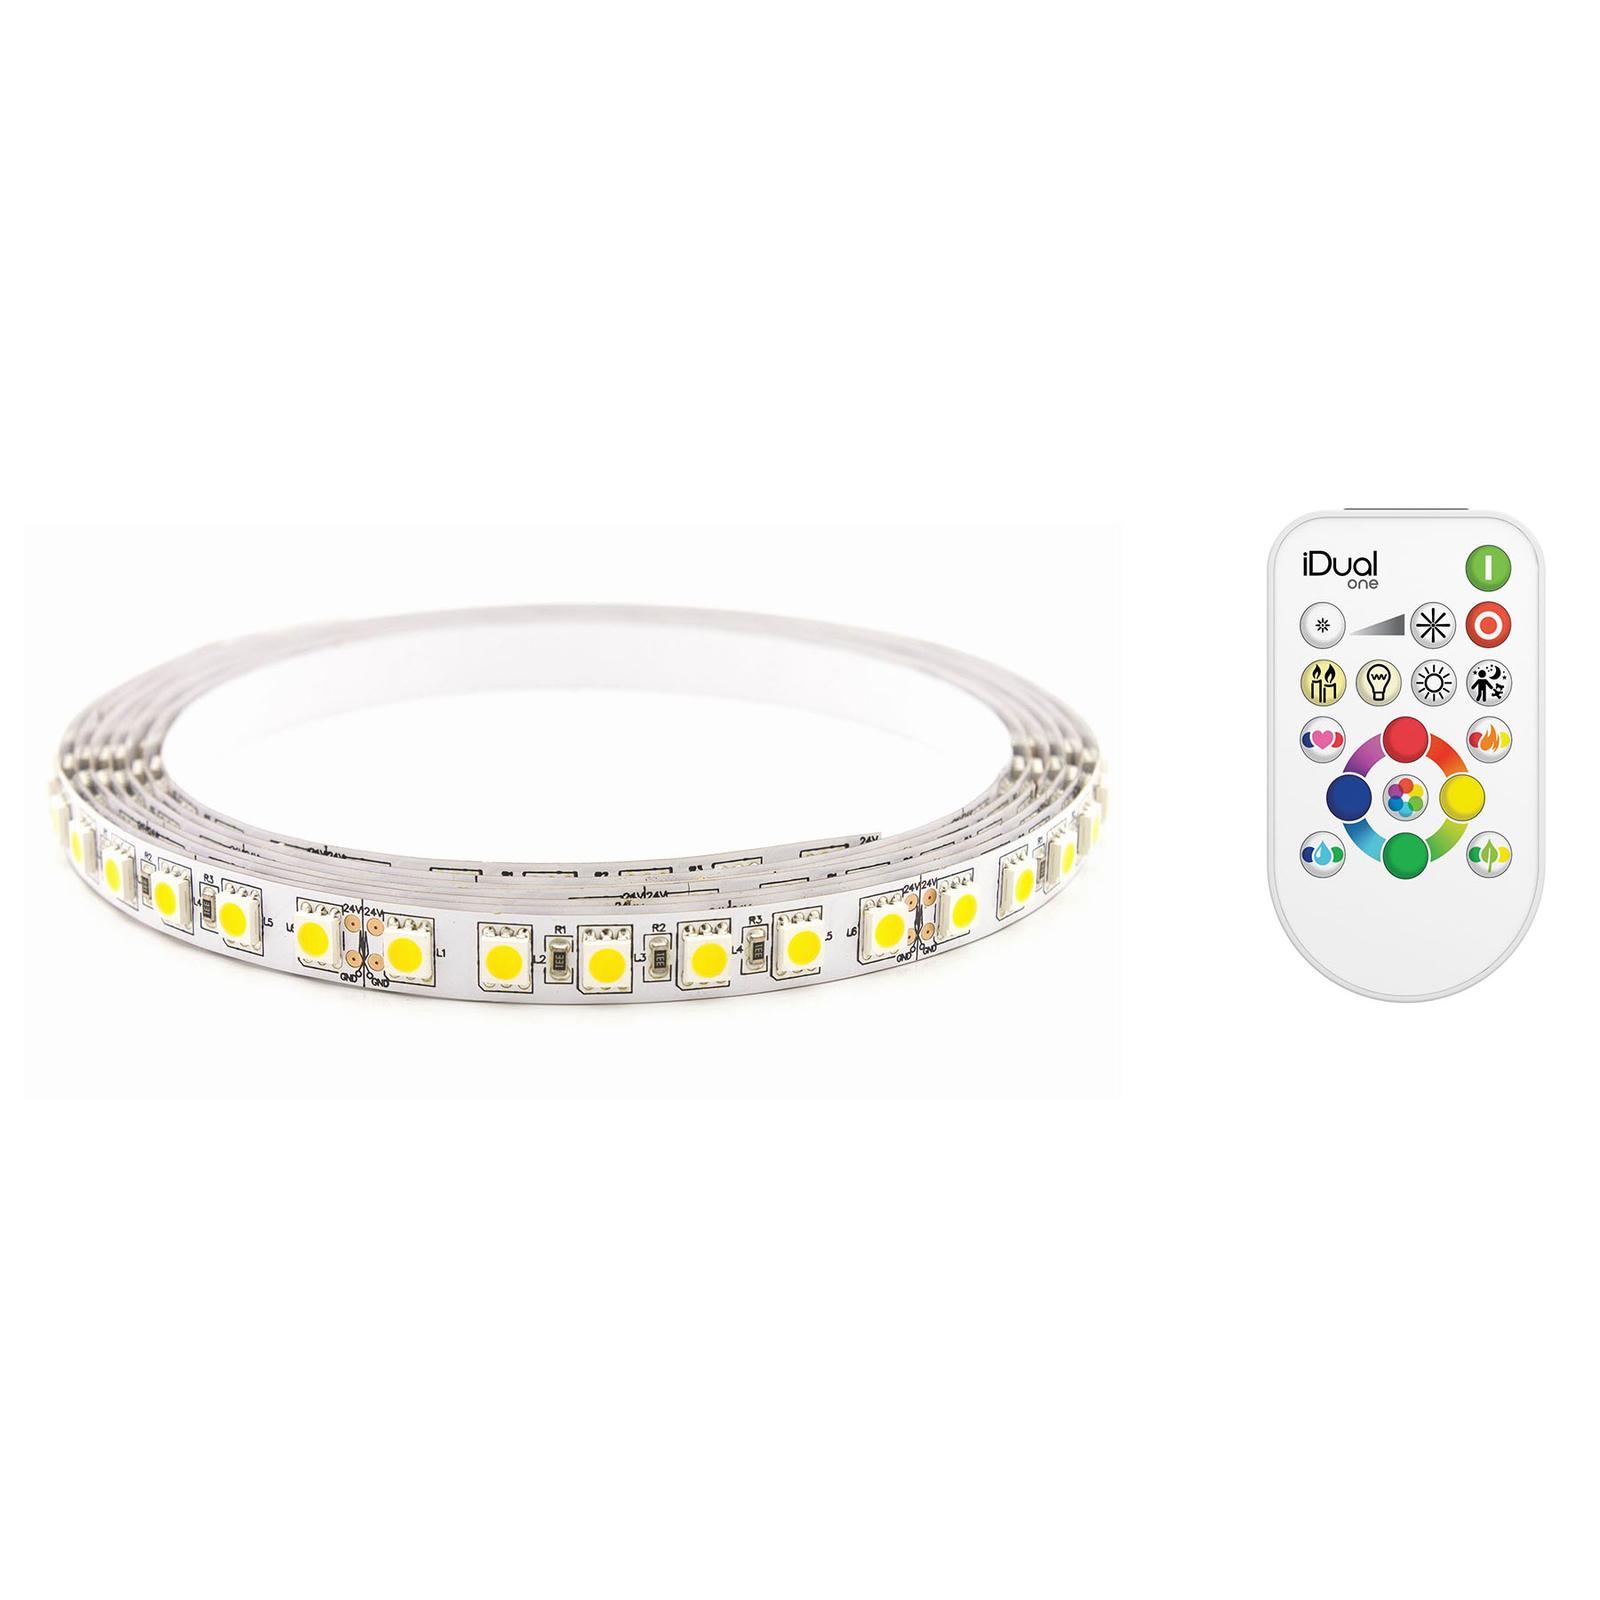 iDual Strip light taśma LED Starter Kit 3m